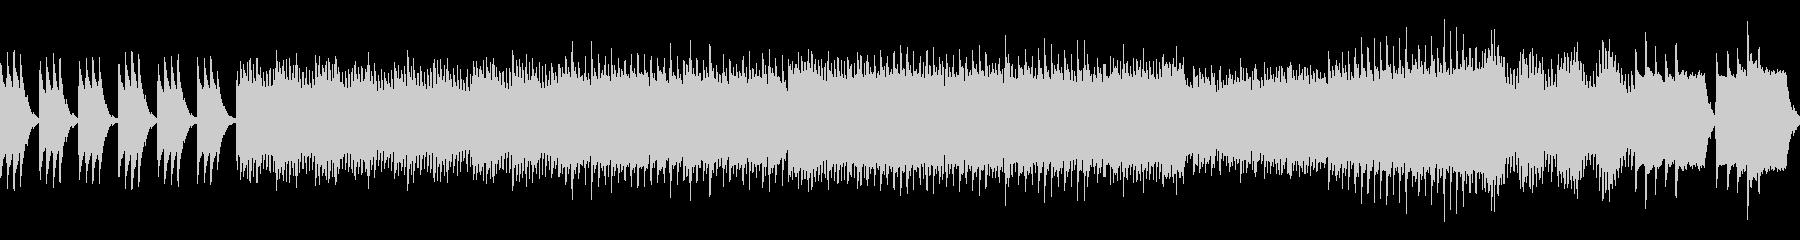 神秘的なダンジョン・洞窟の曲 レトロ風の未再生の波形